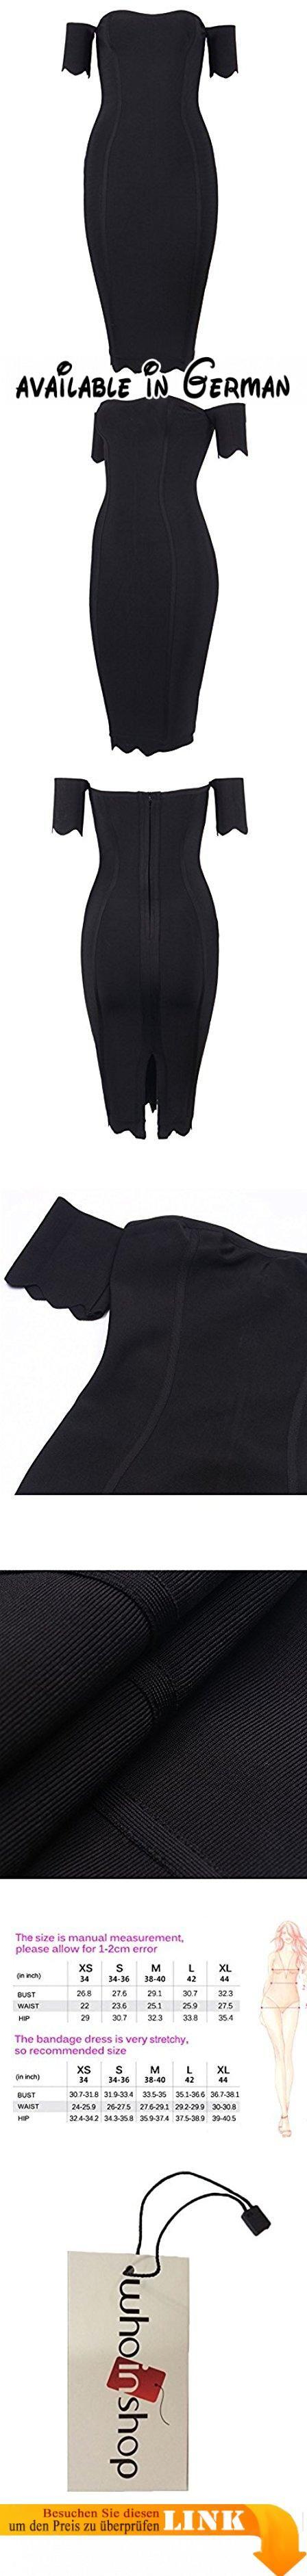 Whoinshop Damen weg von der Schulter Trägerloses Schulterfrei Partykleid Figurbetontes Kleider (XS, Schwarz). Material: 90% Viskose, 9% Nylon und 1% Elasthan. Dicke, glänzend und sehr dehnbar. Nur chemische Reinigung. Importiert. All Over Verband Bau.. Schönes und stilvolles Kleid, für alle Gelegenheiten und Veranstaltung.Perfekt für den Sommer und Frühling, denn in diesem Stoff werden Sie nicht schwitzen. Aufgrund der guten Qualität und dem besonderen Stil werden